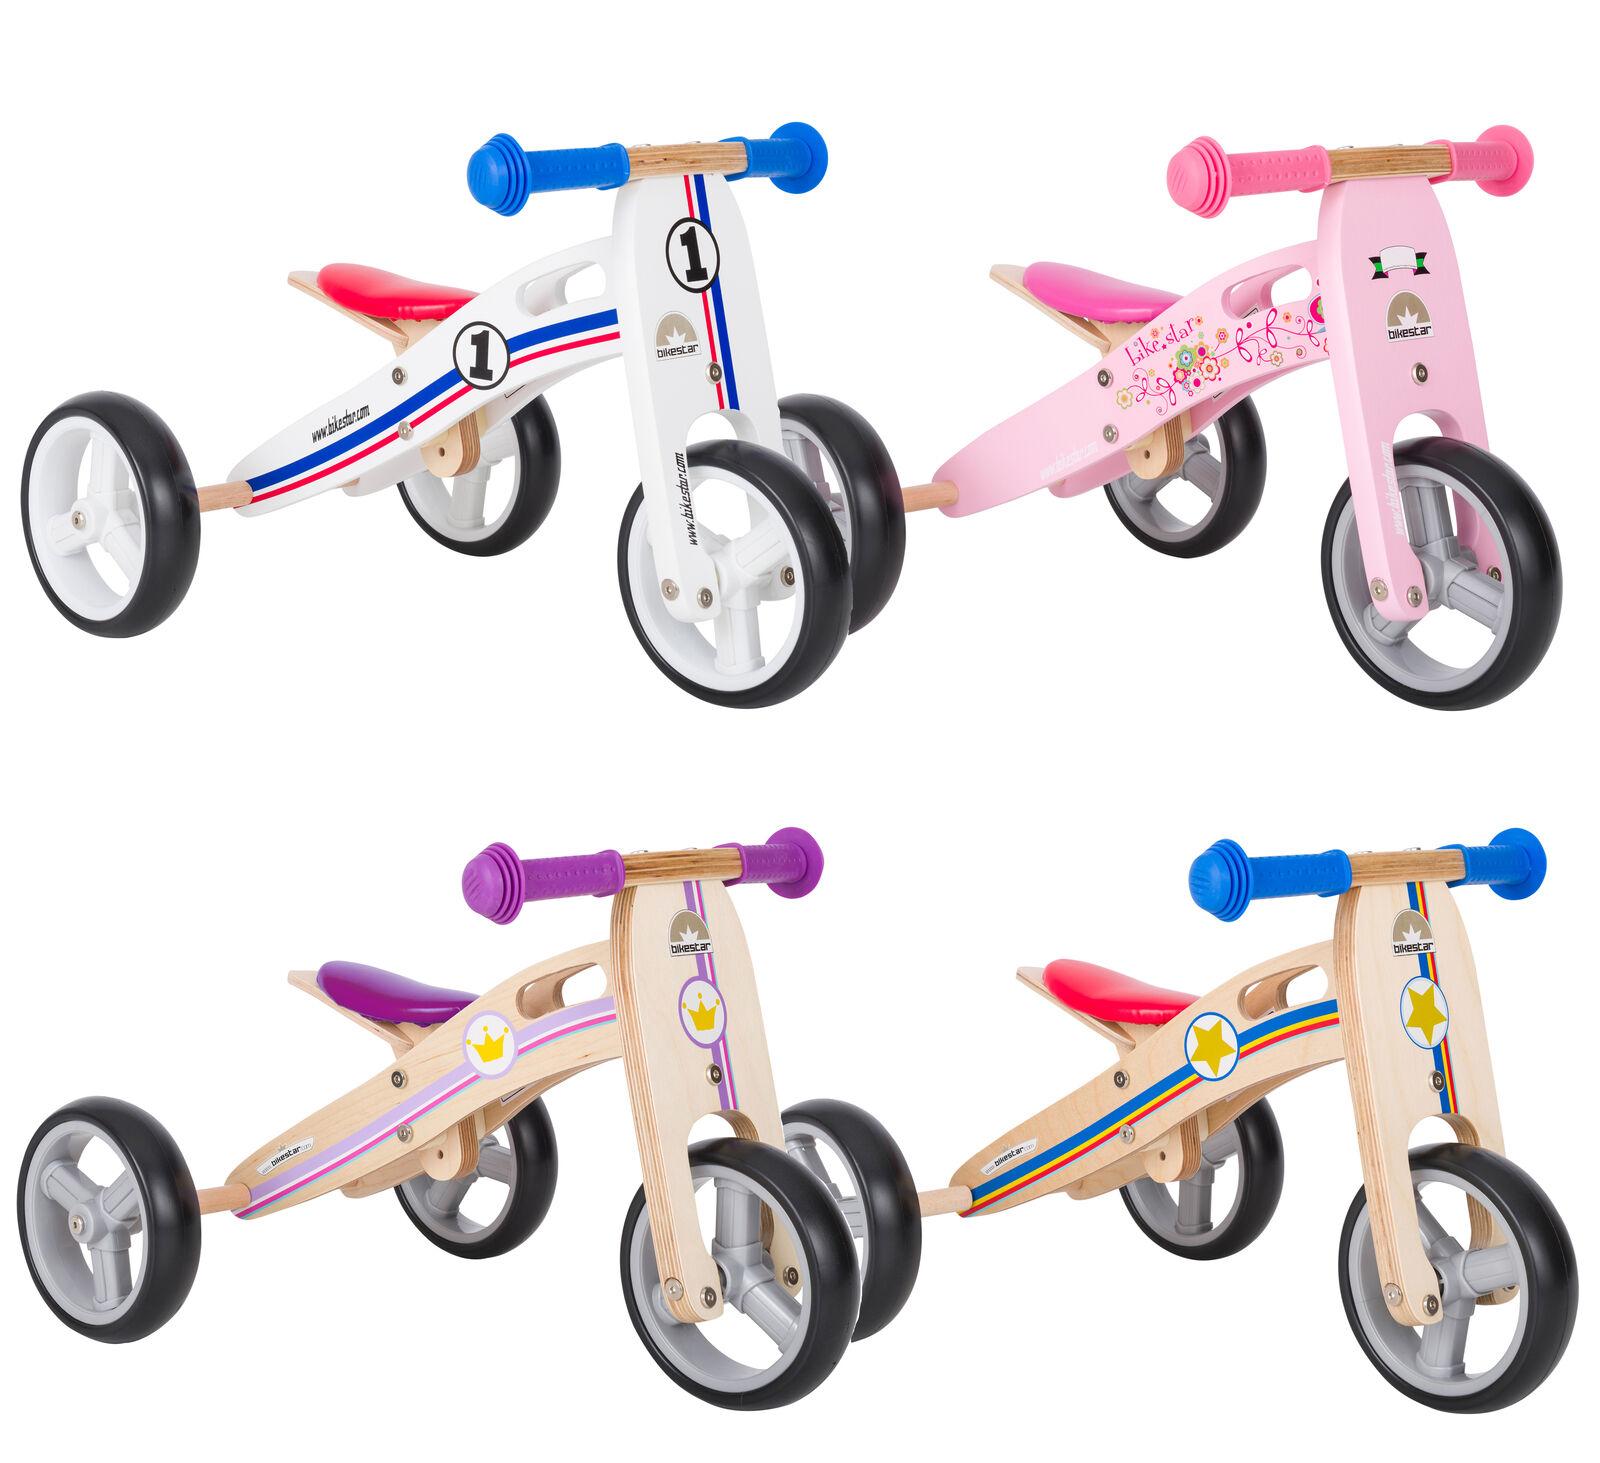 FahrradSTAR Kinderlaufrad Laufrad Dreirad (Kombi 2 & 3 Rad) umbaubar   ab 18 Monate